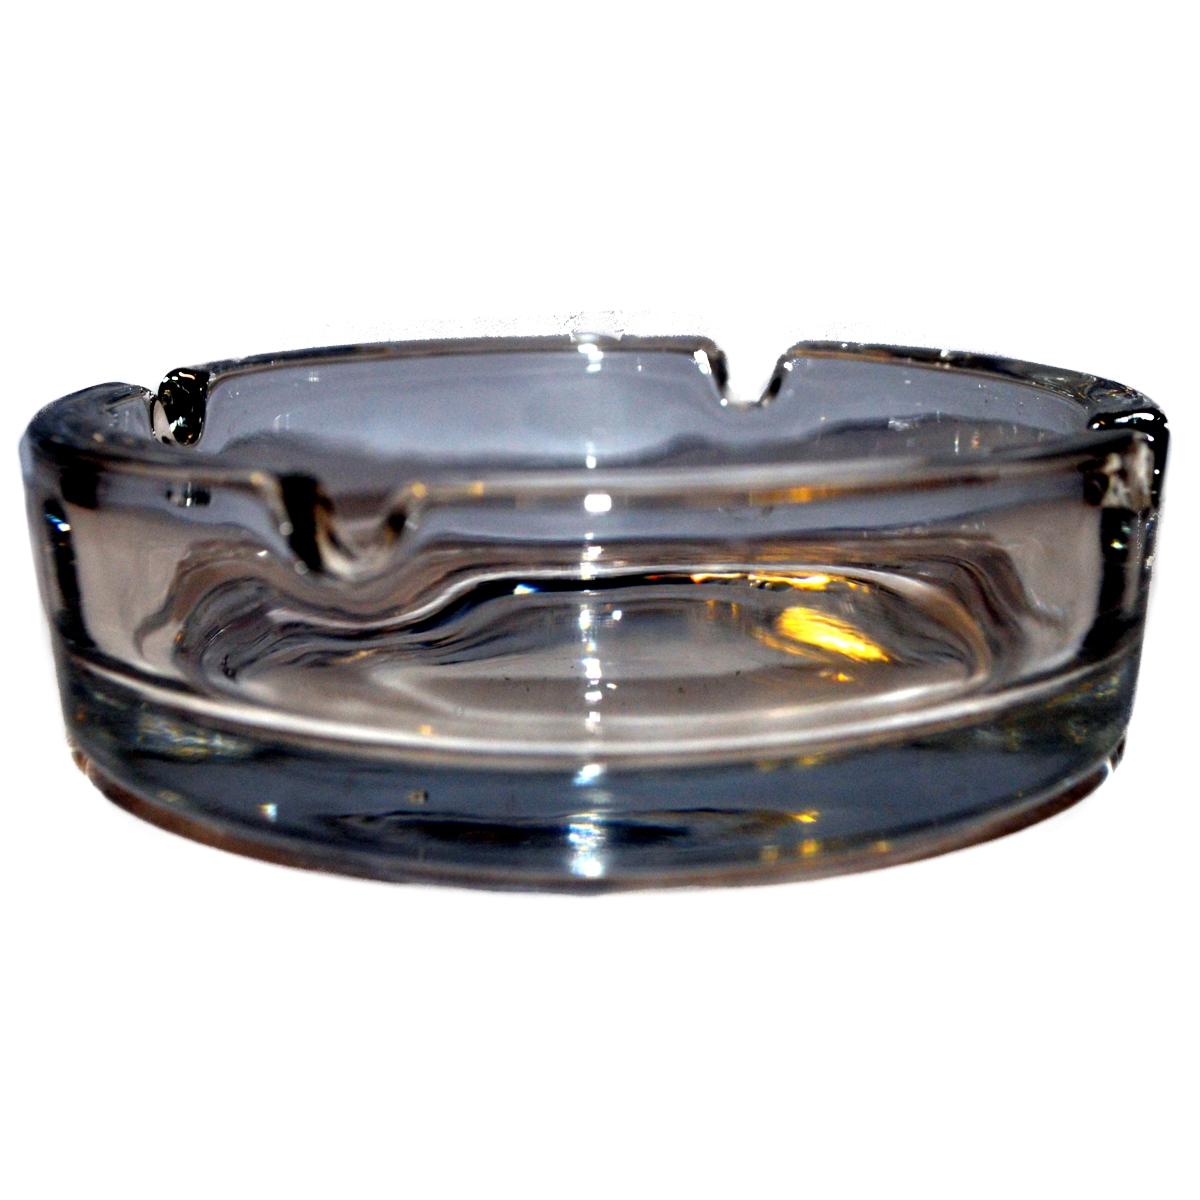 Clear Glass Cigarette Ashtray 4 Posn 105mm Diameter 1